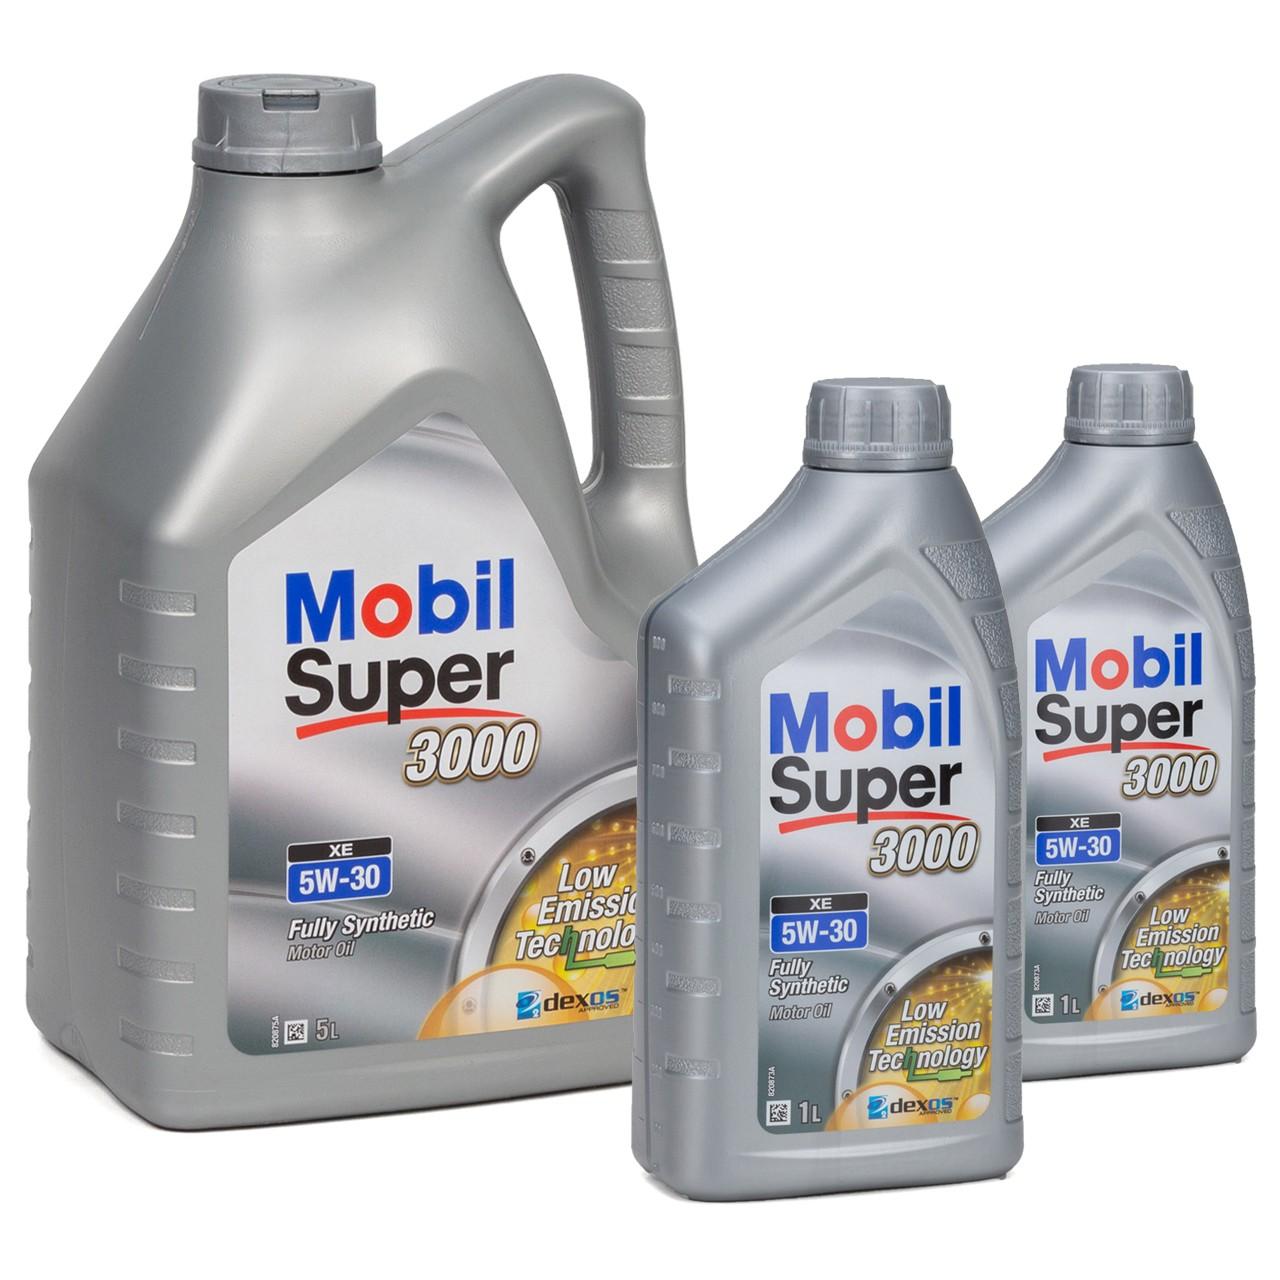 Mobil 3000 SUPER XE Motoröl Öl 5W-30 5W30 dexos2 VW 505.00/505.01 - 7L 7 Liter